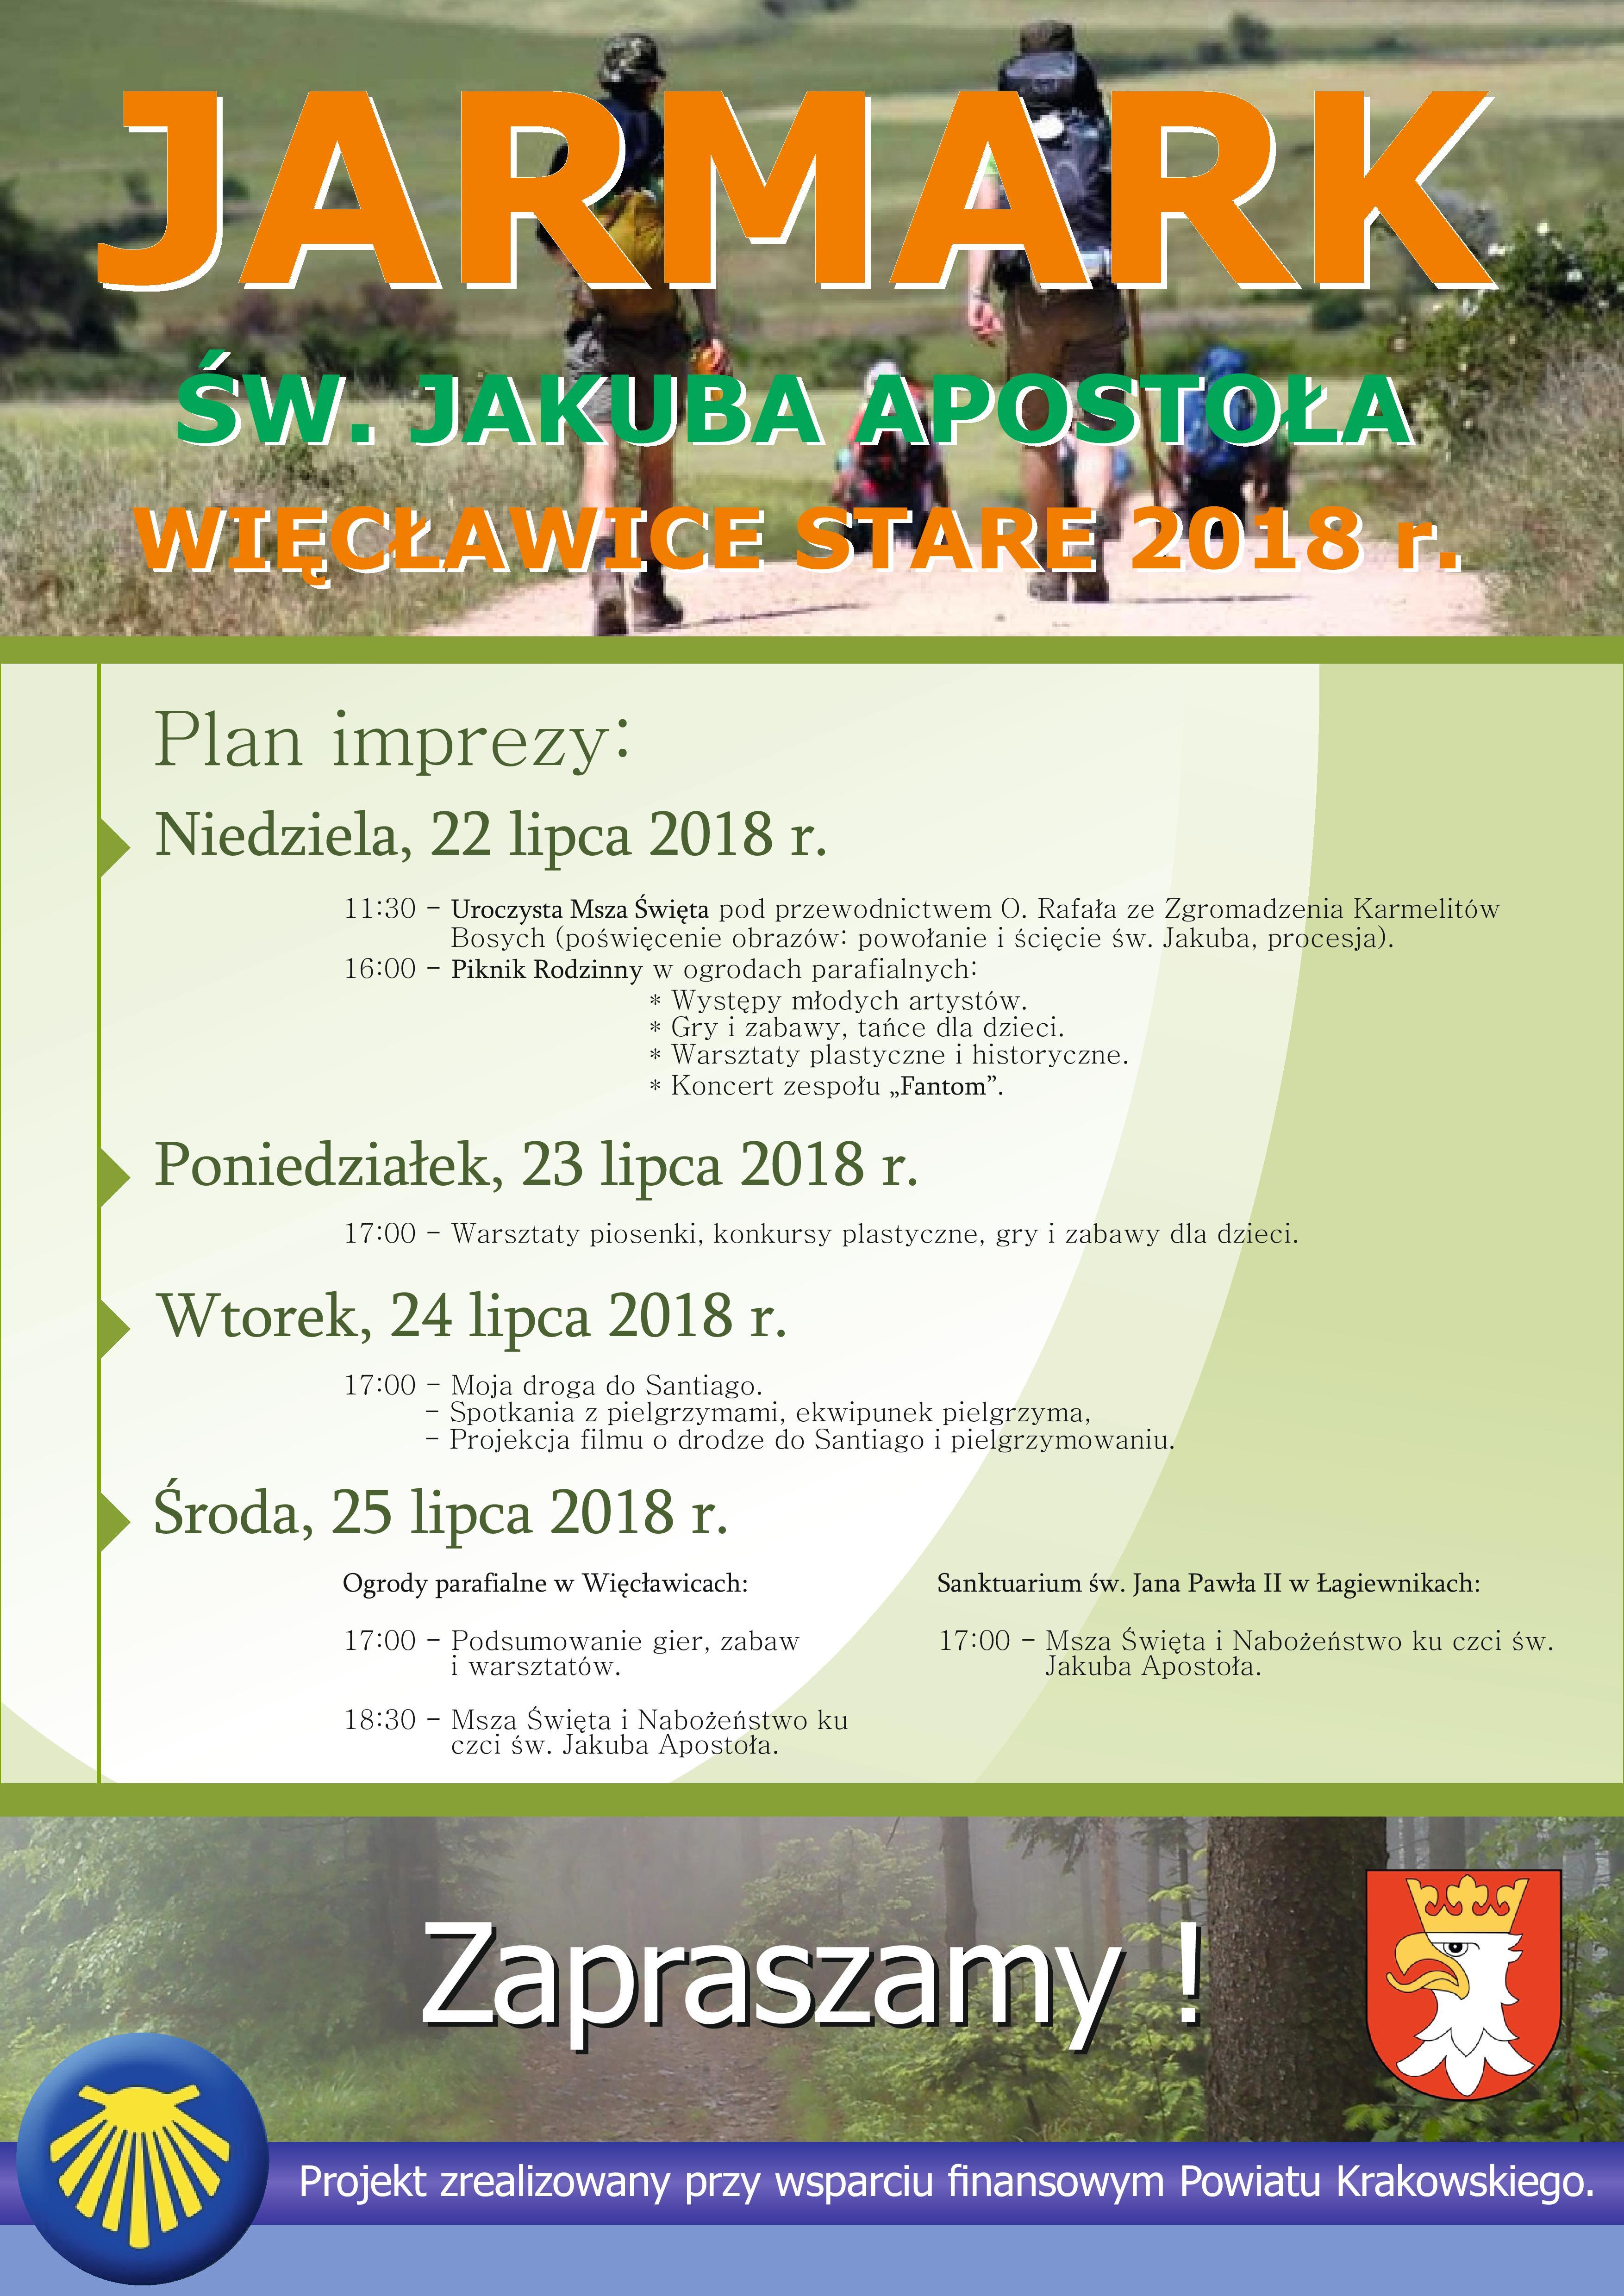 Jarmark św. Jakuba Apostoła @ Więcławice Stare | małopolskie | Polska